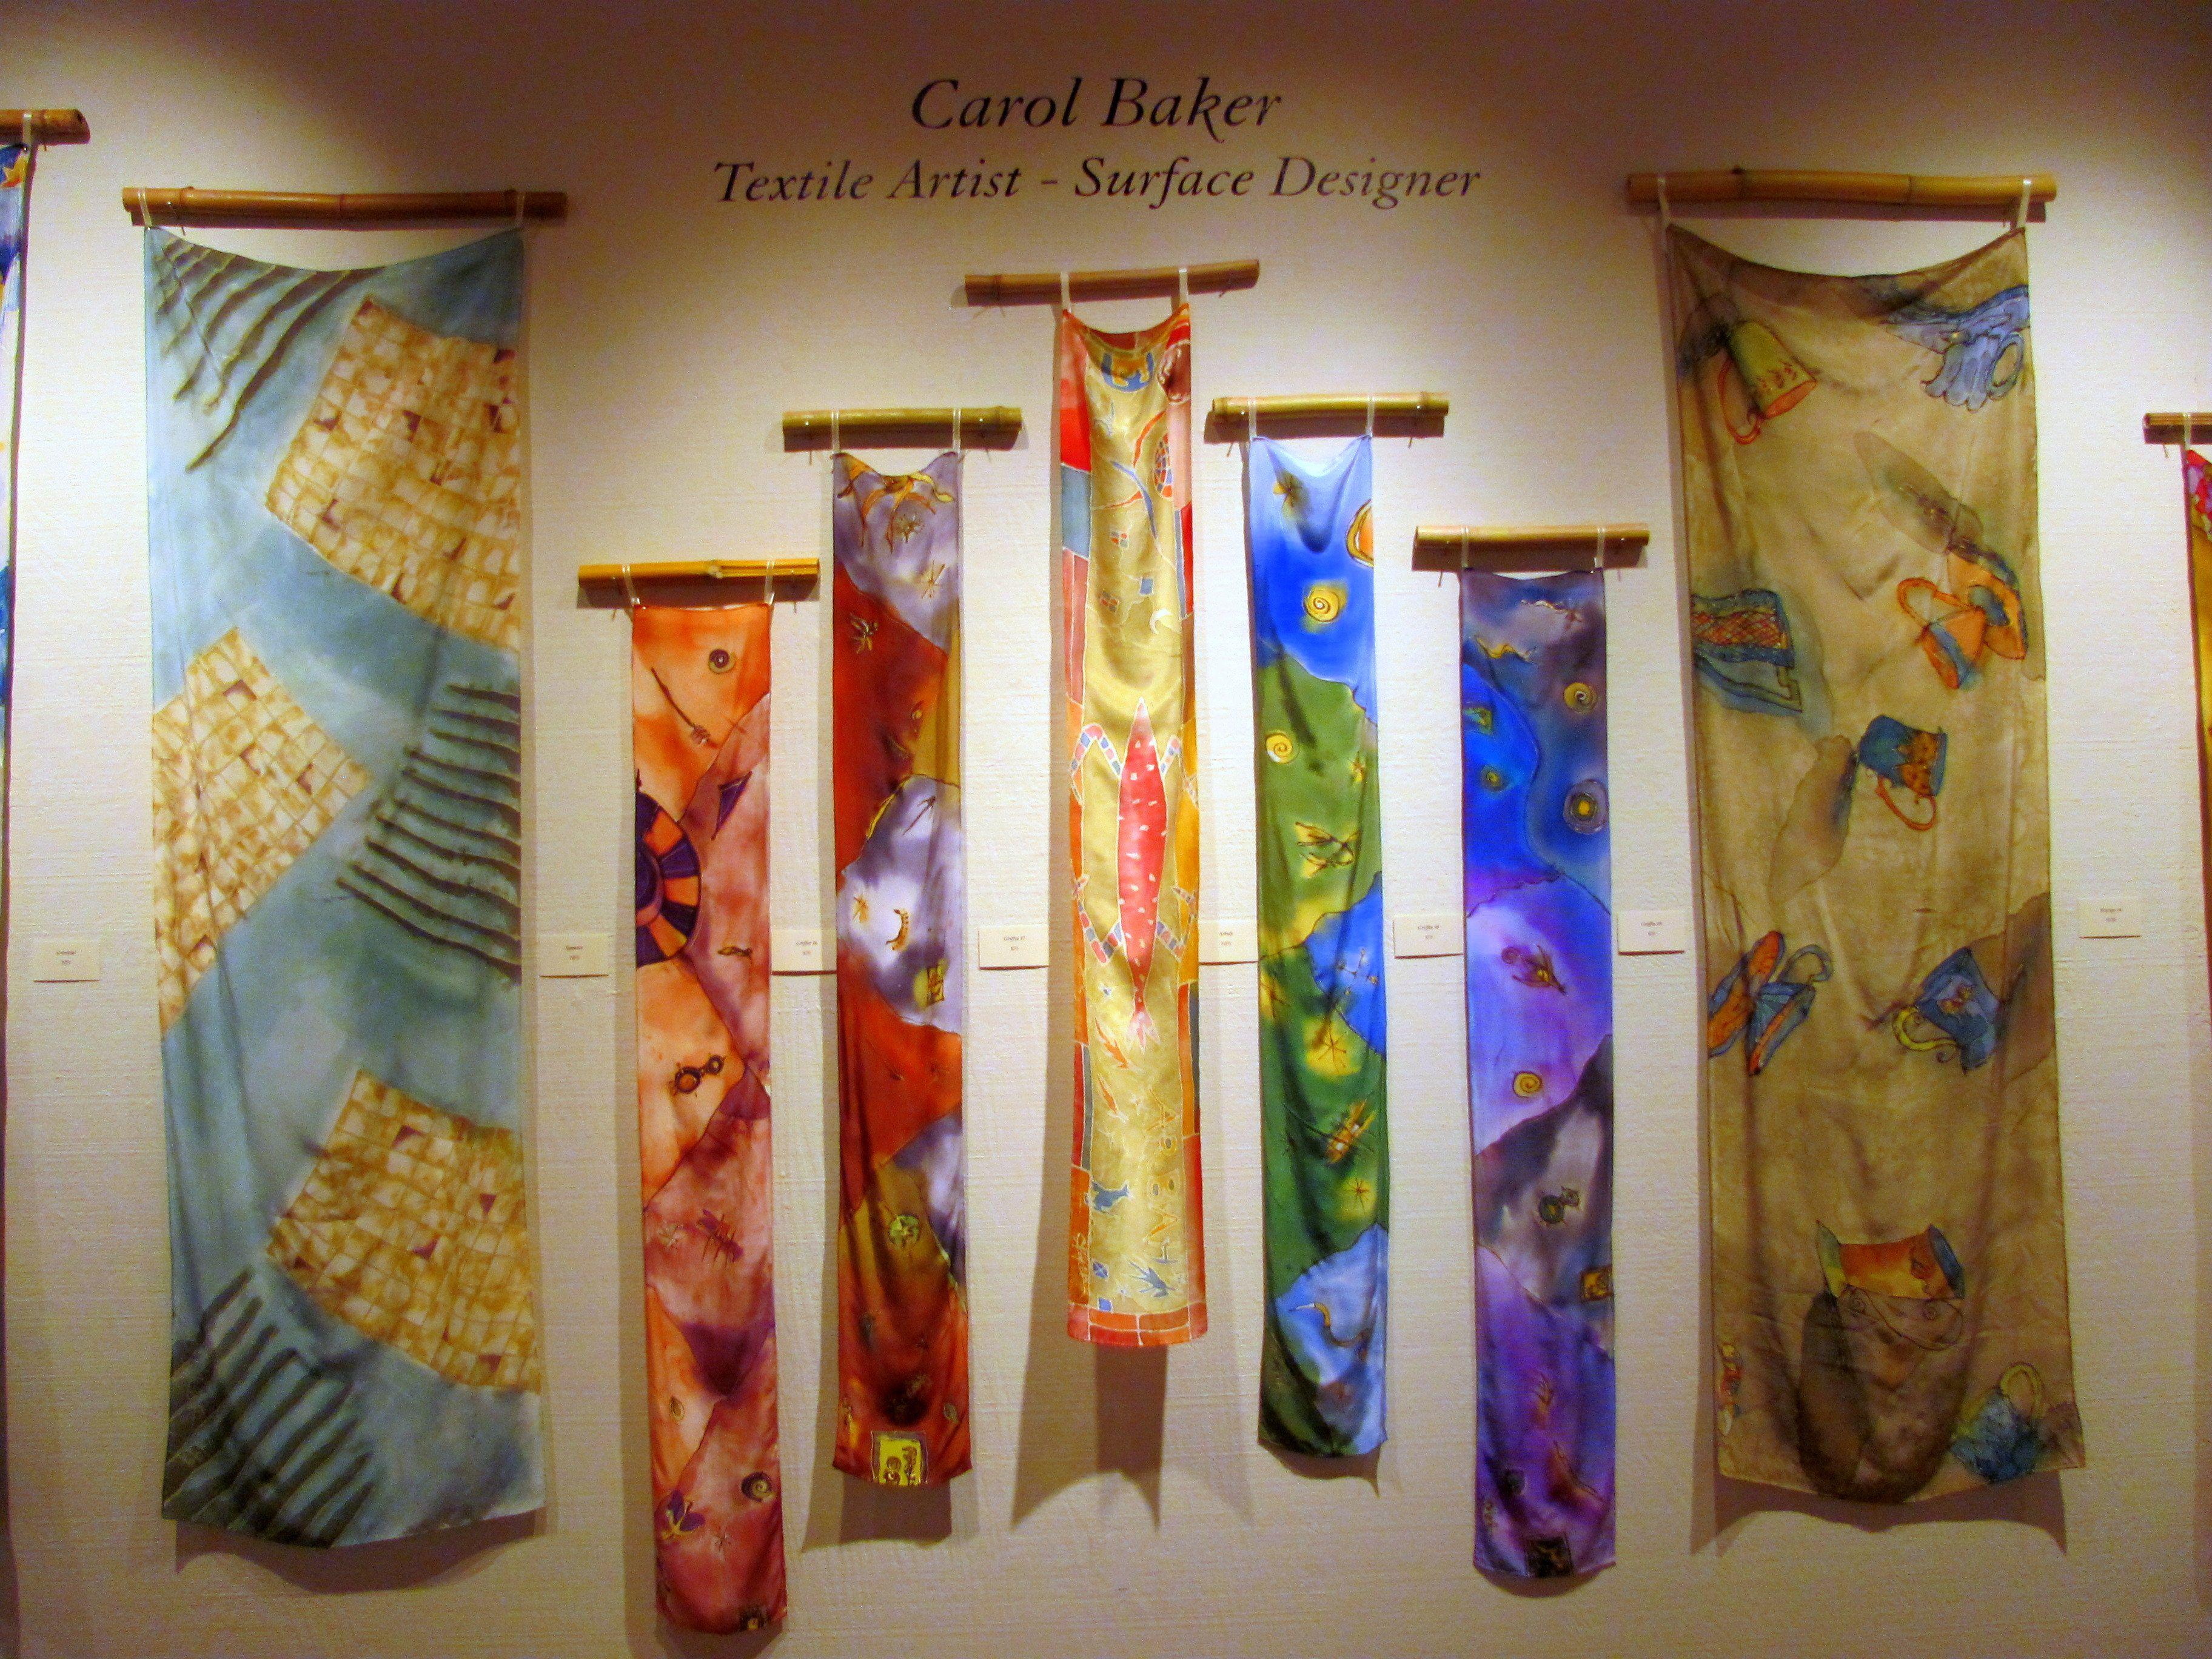 Carol Baker Textile Artist Surface Designer